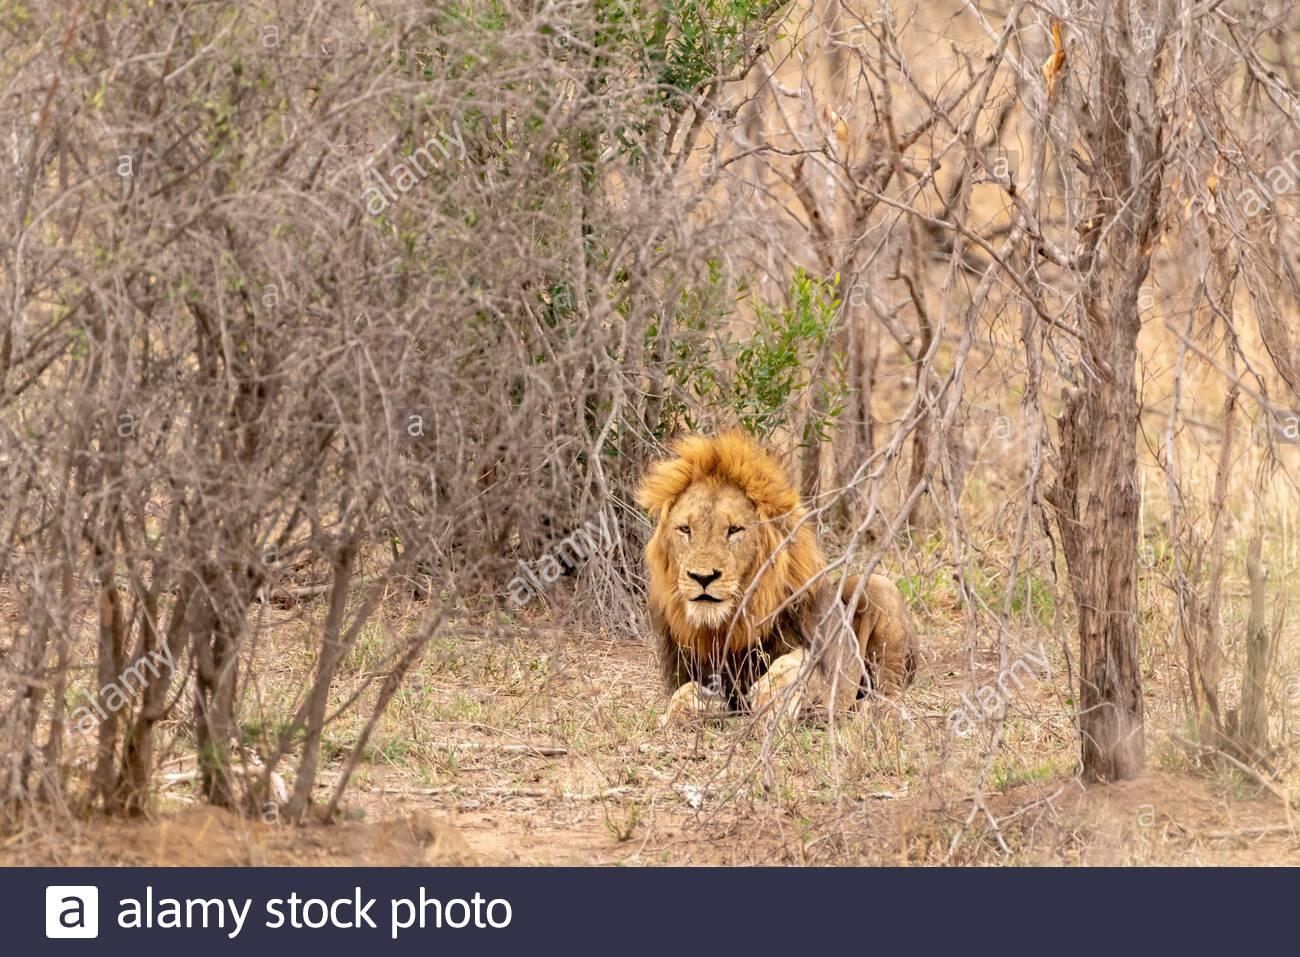 Injured Lion (Panthera leo) nursing it's foot, taken in South Africa Stock Photo